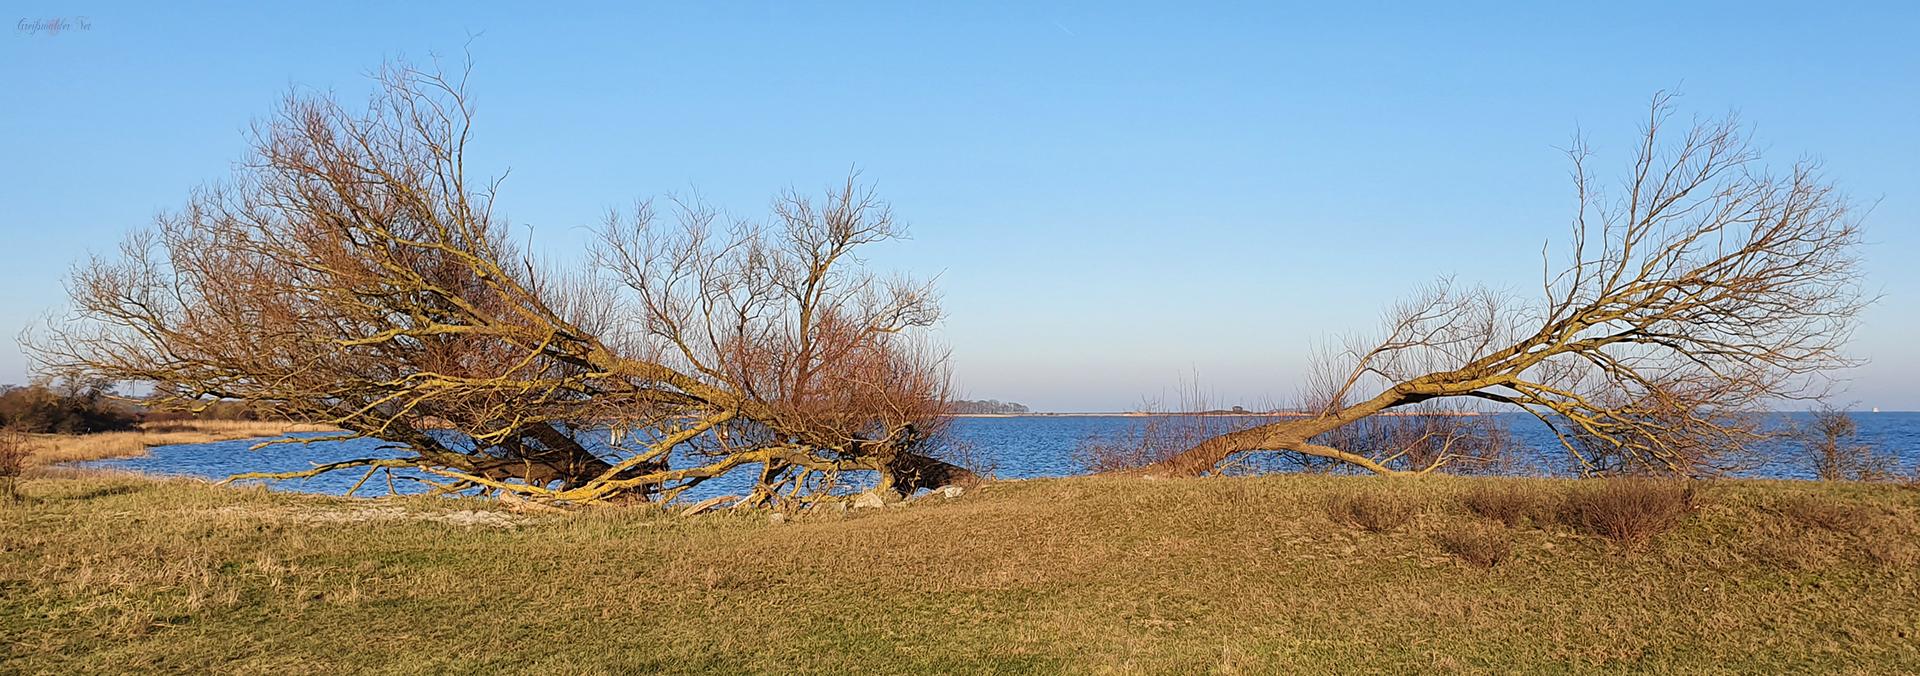 Naturschutzgebiet Peenemünder Haken, Struck und Ruden